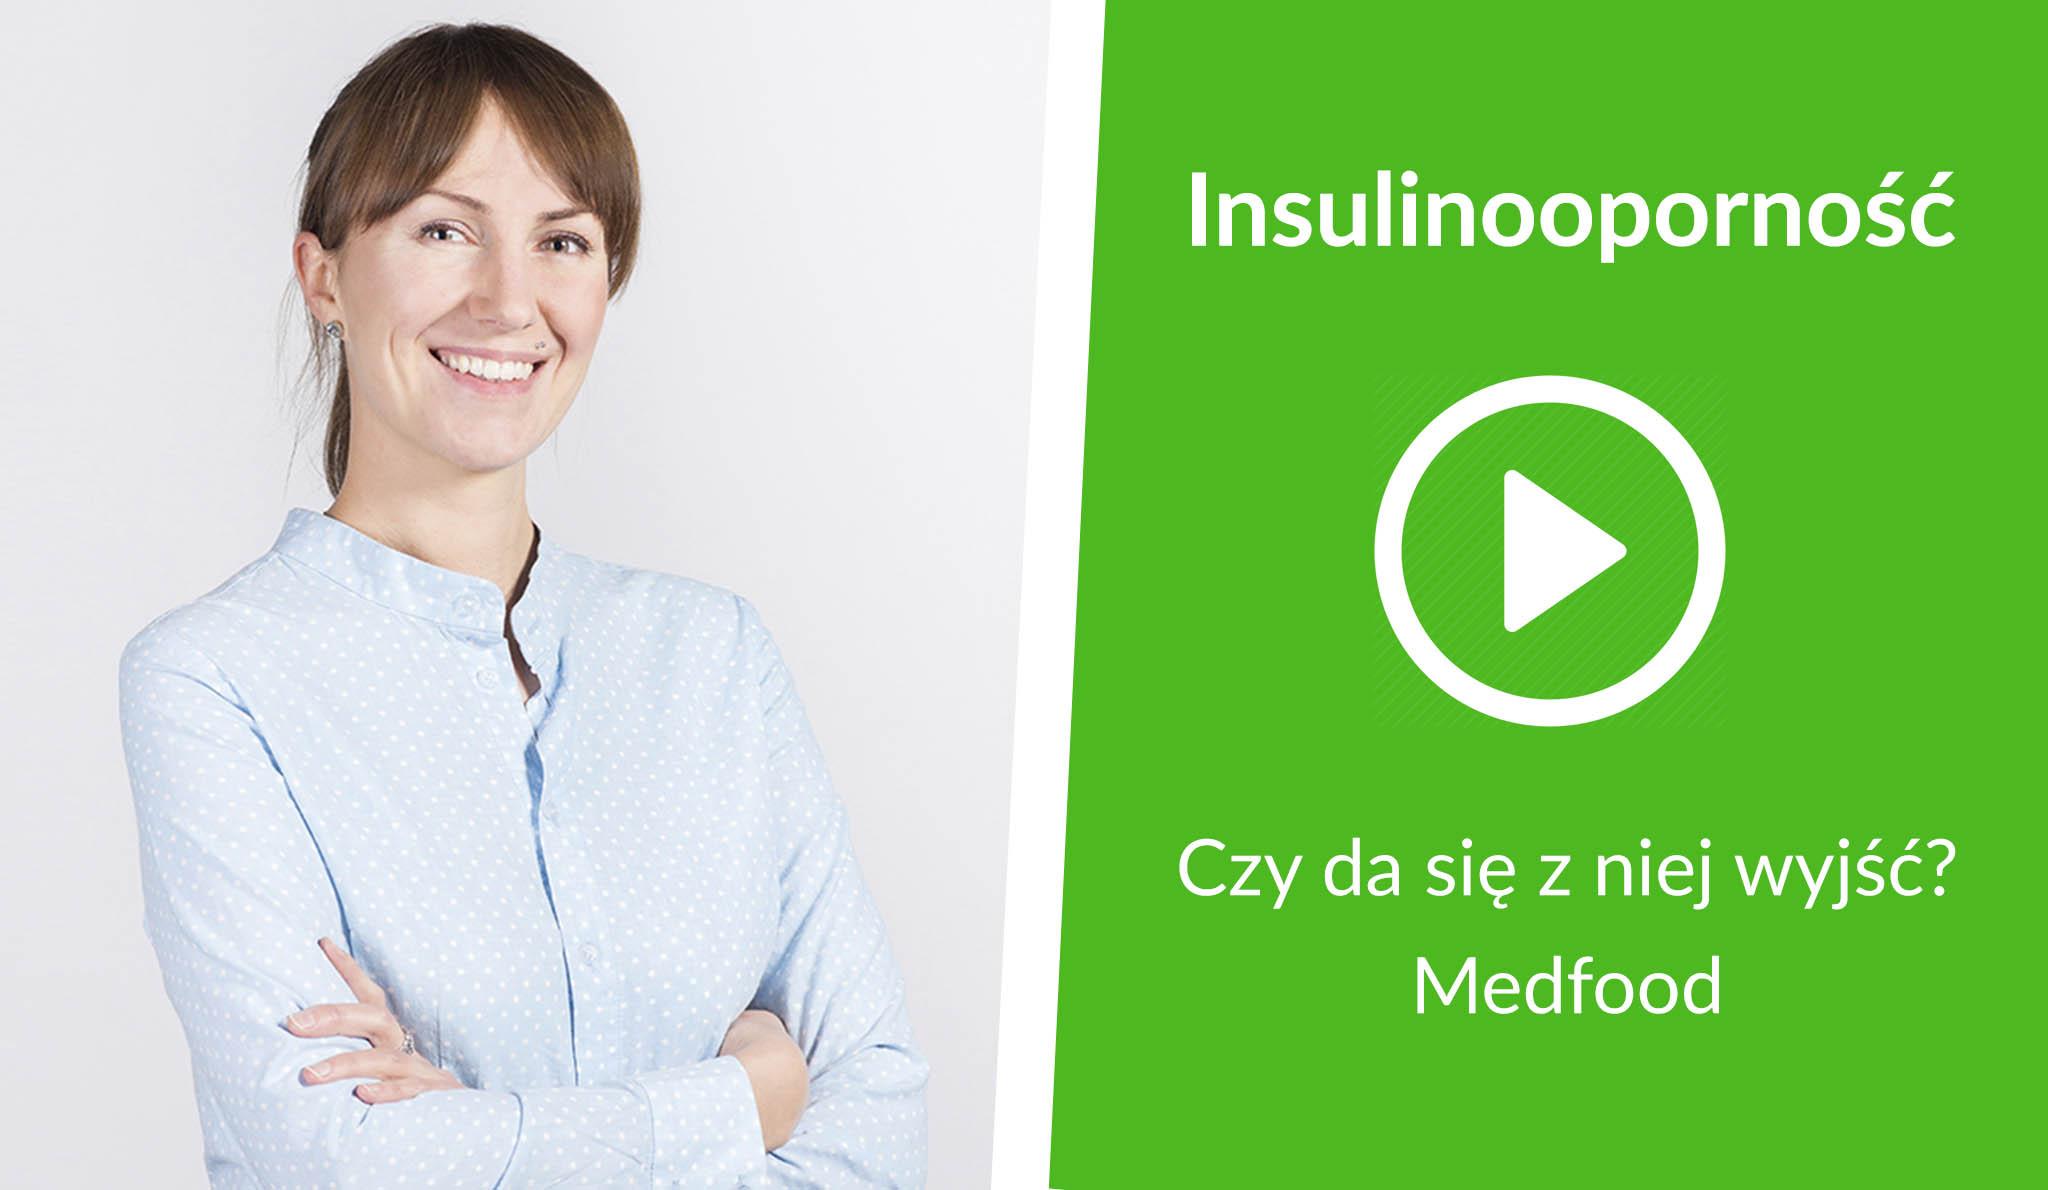 [Wideo] Medfood: Insulinooporność – czy da się z niej wyjść?